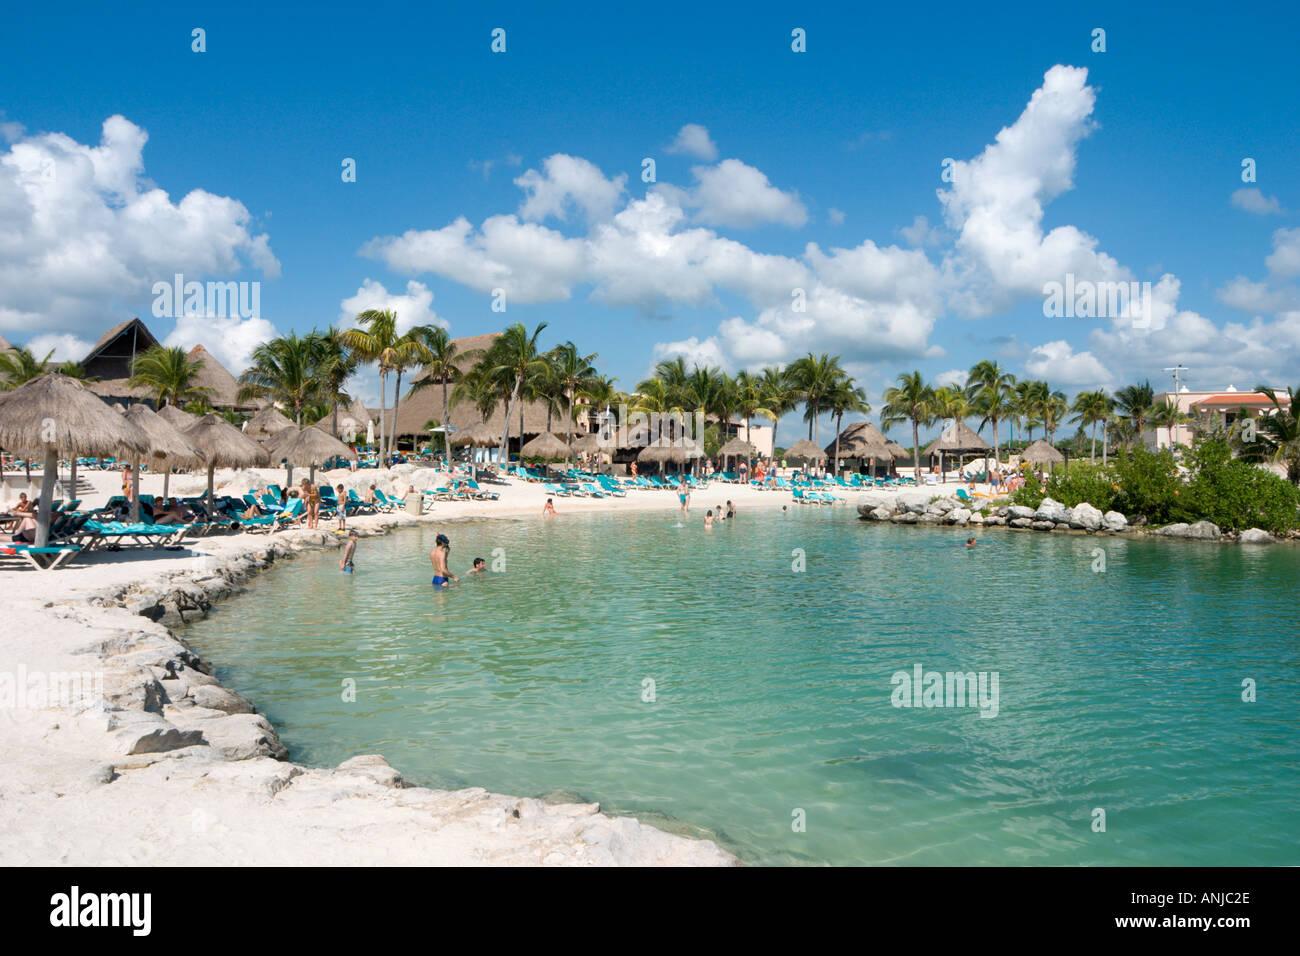 Spiaggia al di fuori del Hotel Catalonia Riviera Maya, Puerto Aventuras, Riviera Maya, la penisola dello Yucatan, Messico Immagini Stock